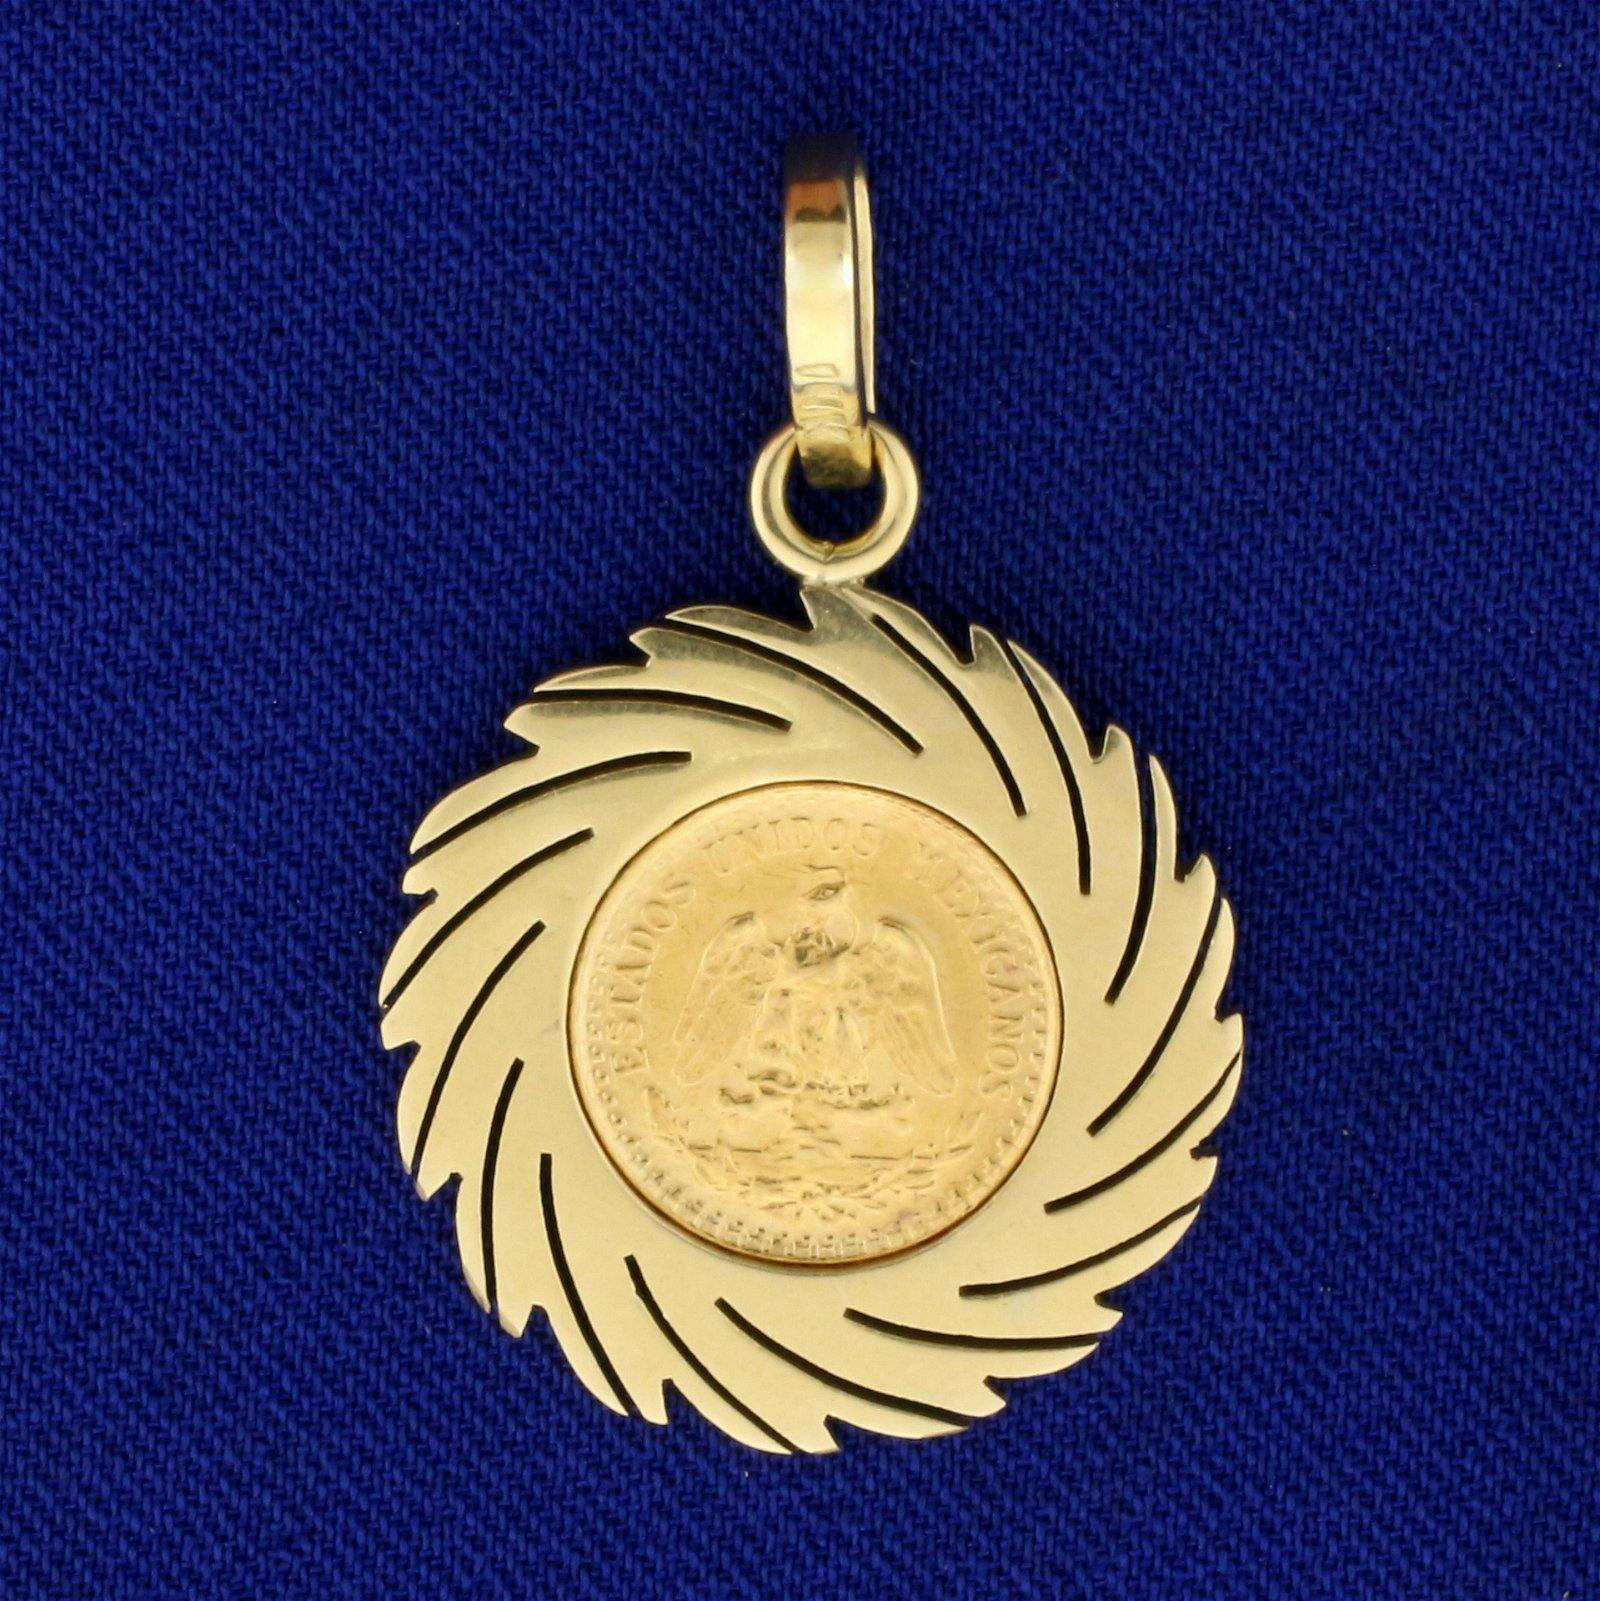 1945 Dos Pesos Mexican Coin Pendant in 14K Yellow Gold